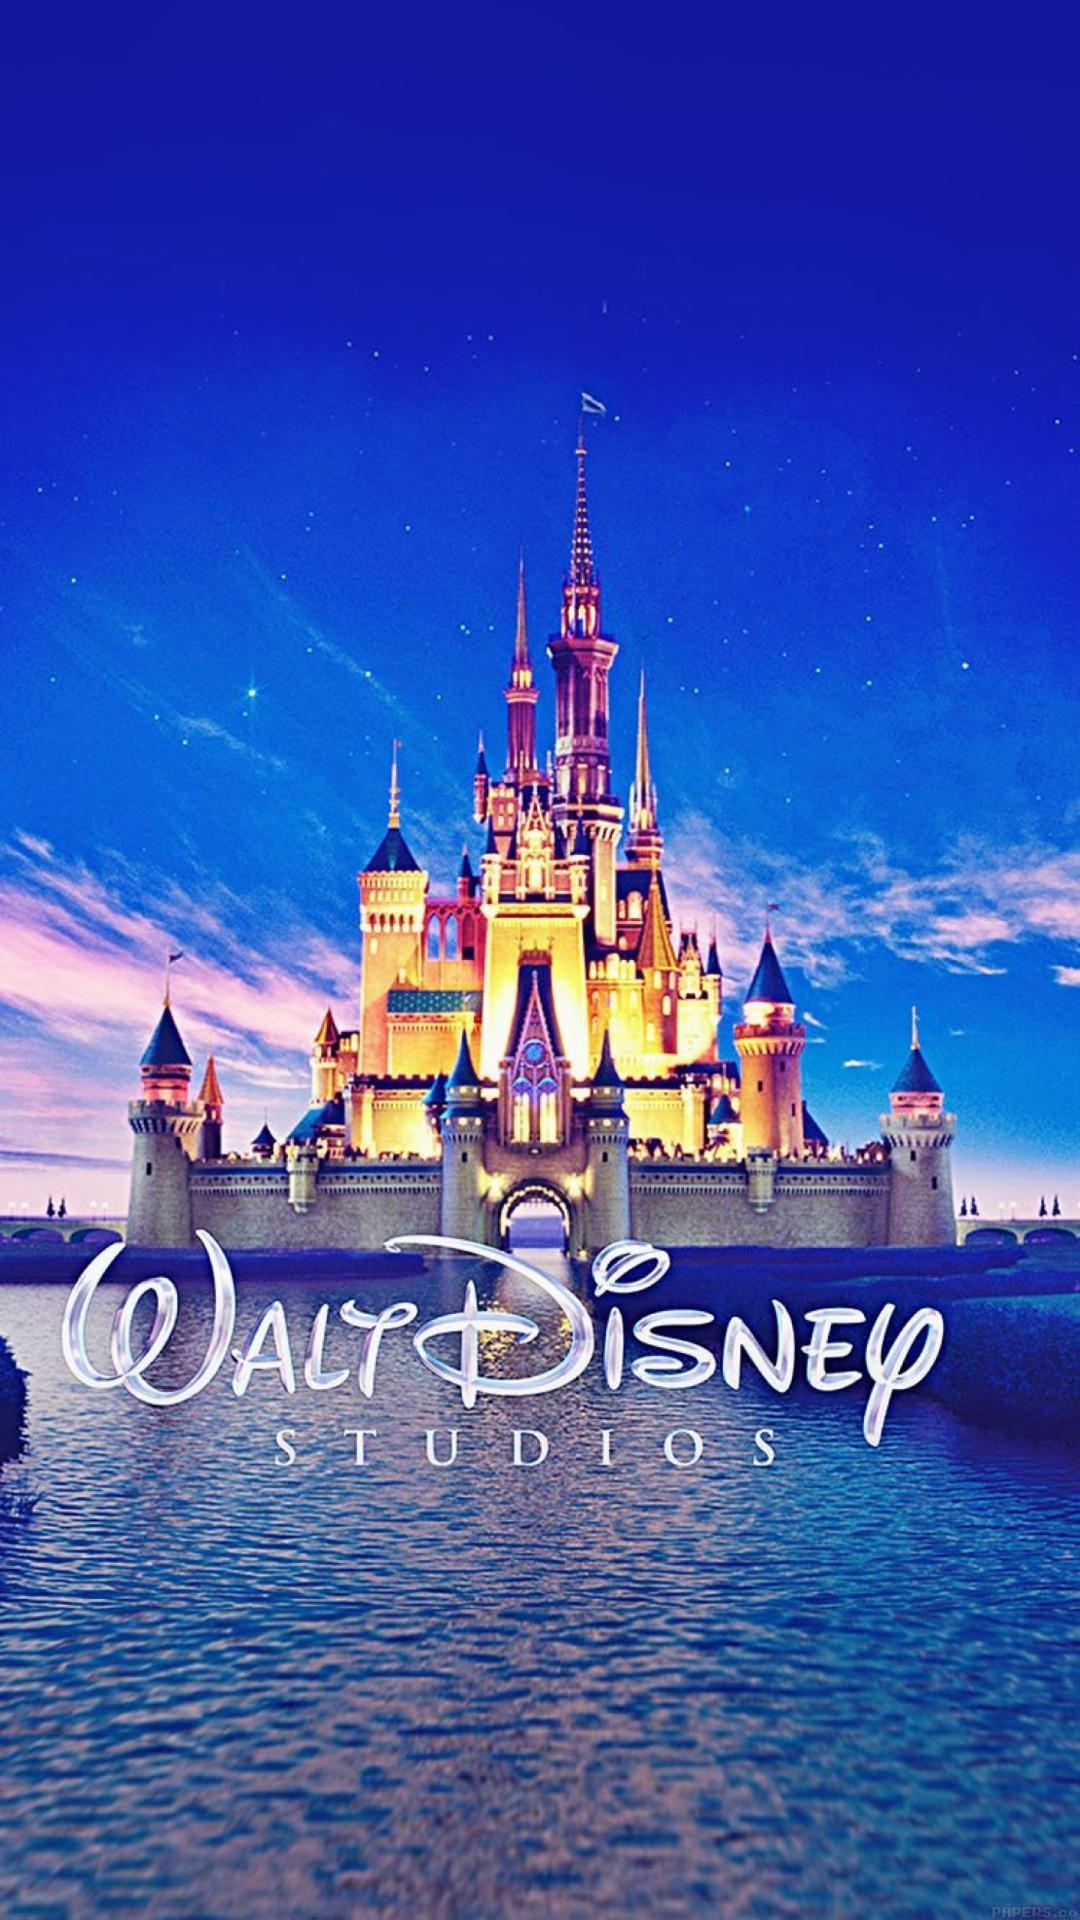 Disney Castle Iphone Wallpaper 74 Images